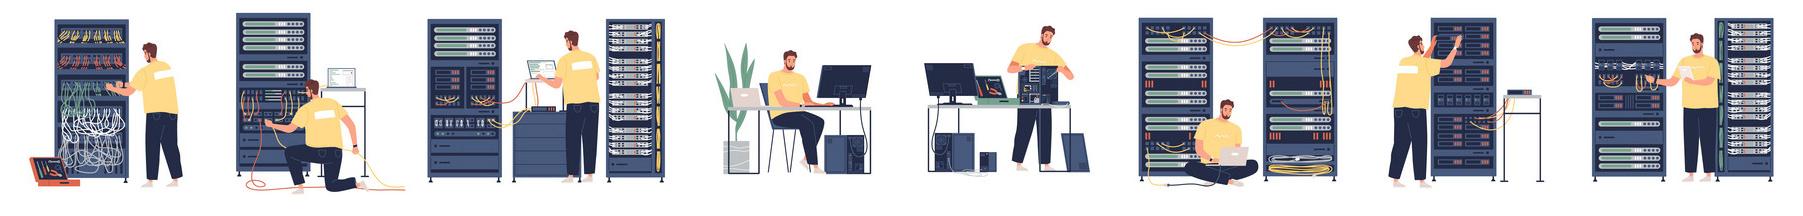 خدمات کامپیوتر در محل